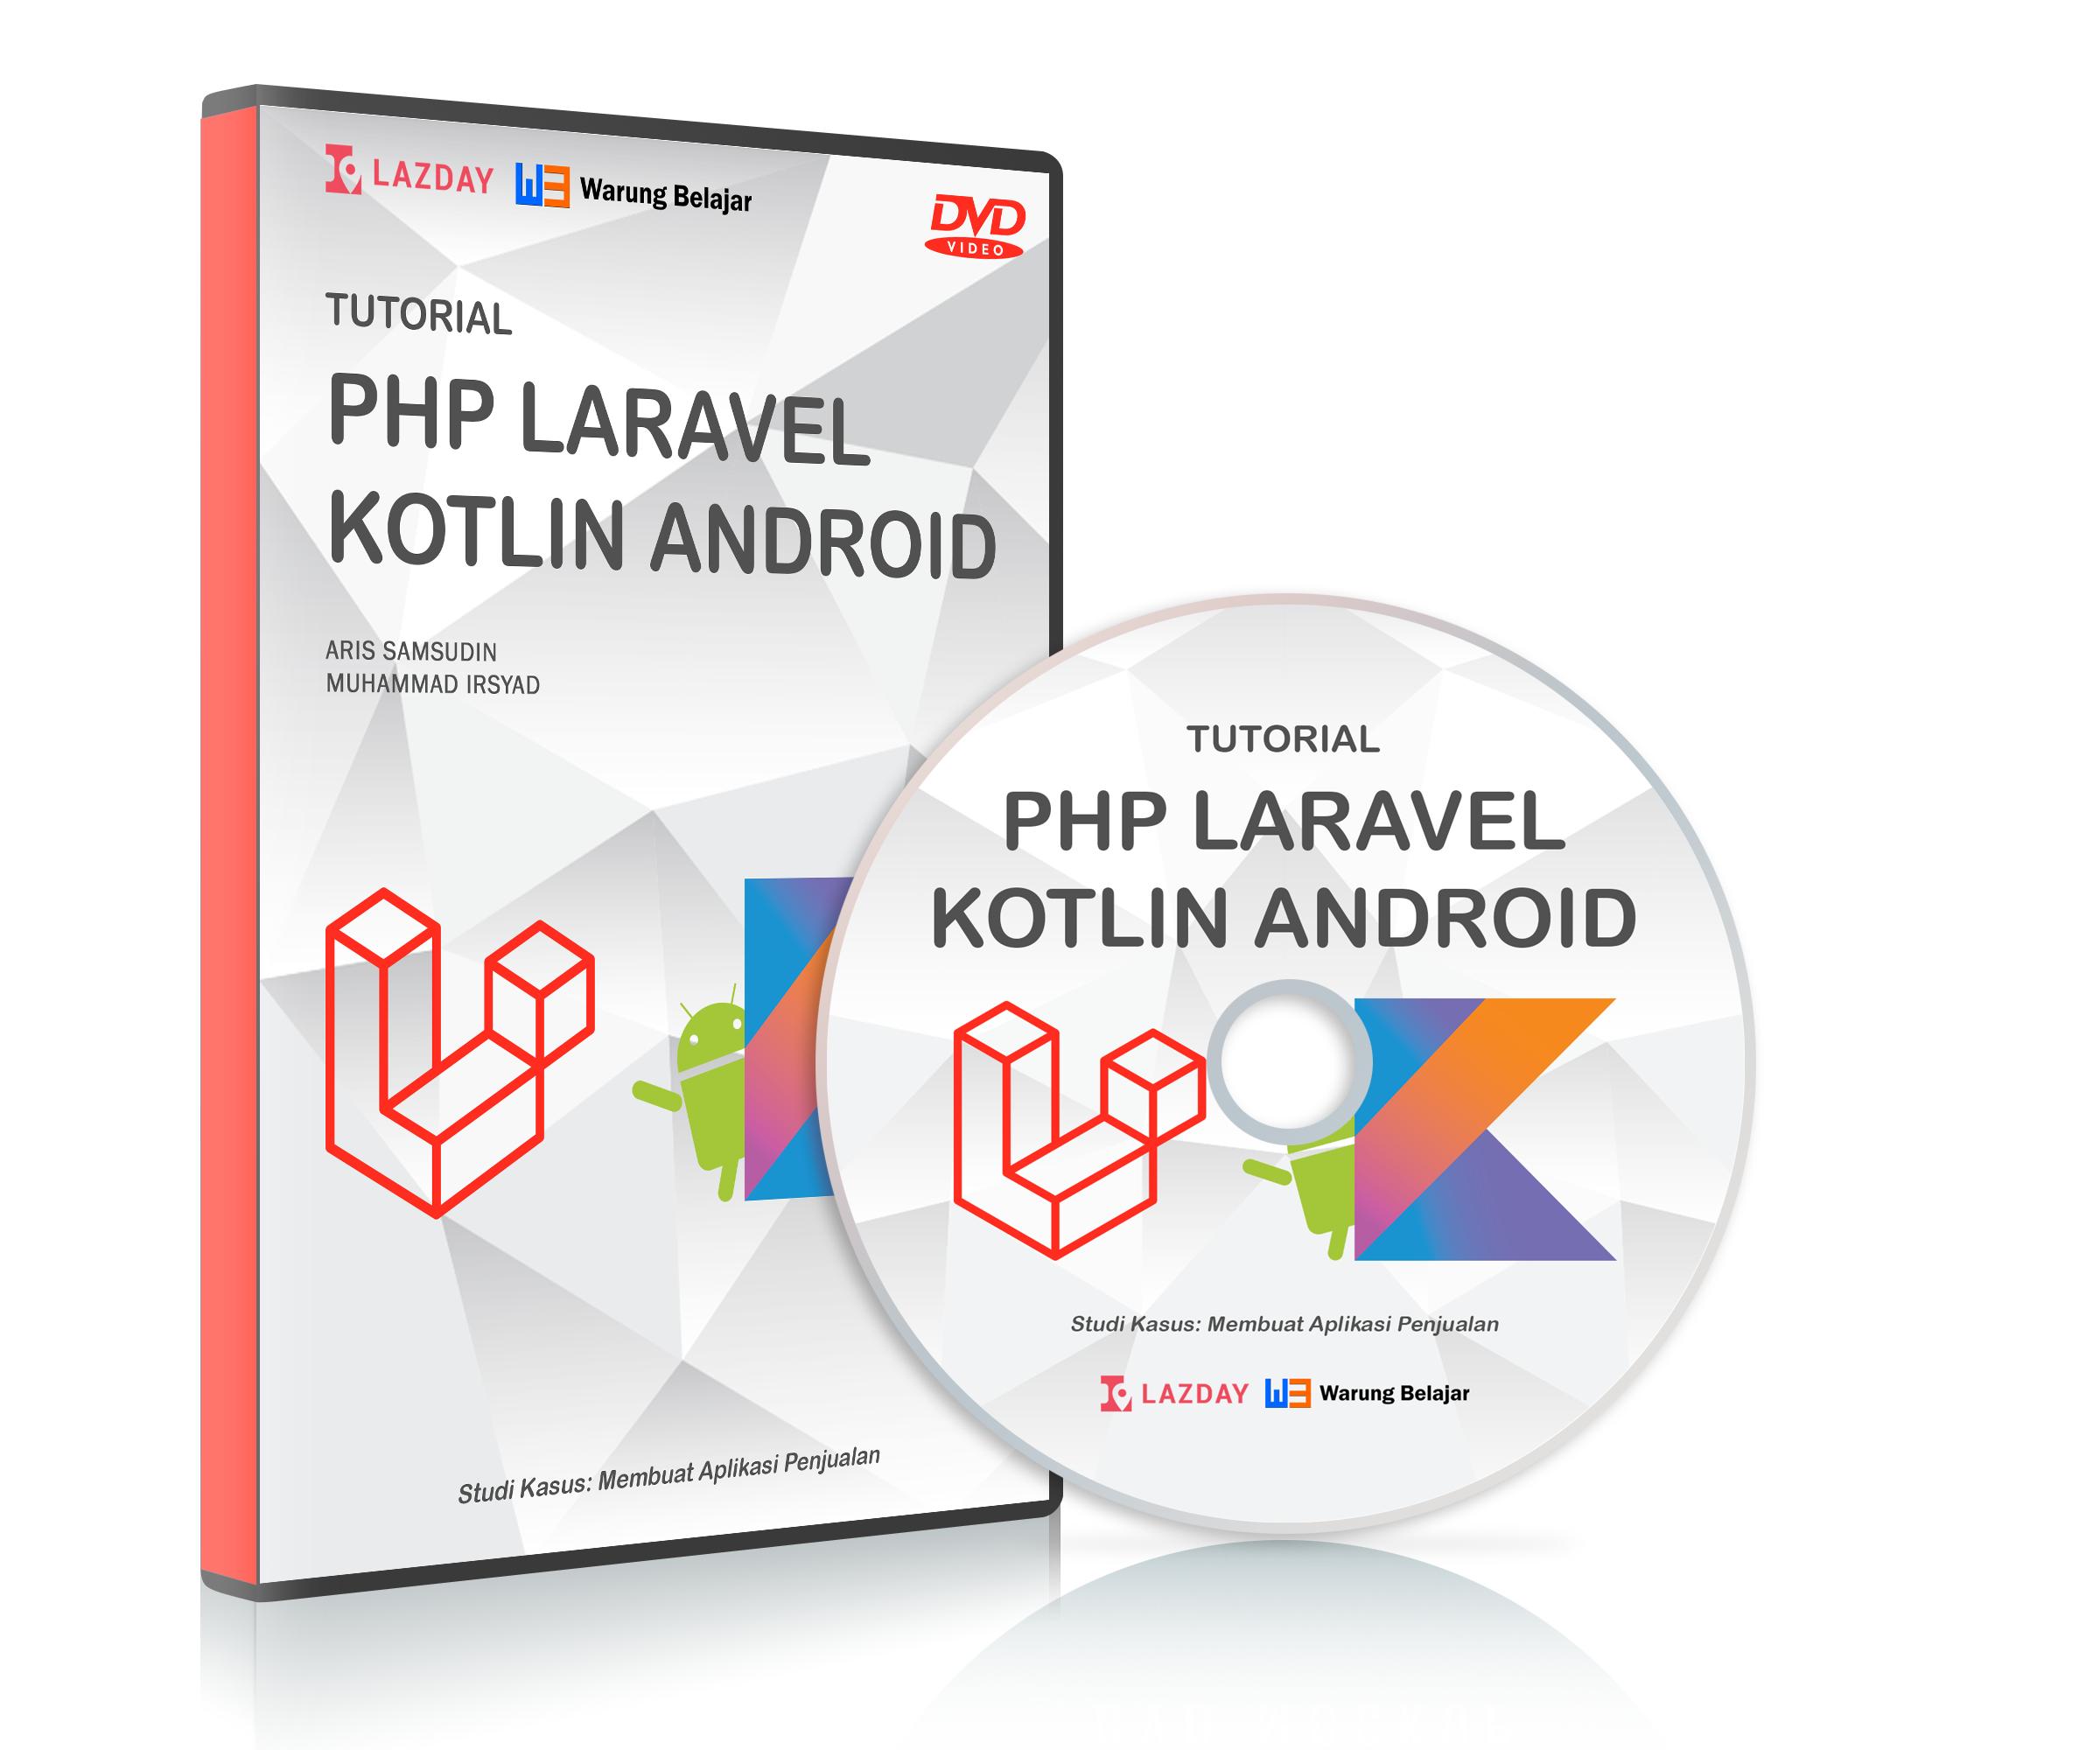 DVD Tutorial Belajar Membuat Aplikasi Web dan Aplikasi Mobile Android dengan Laravel & Kotlin